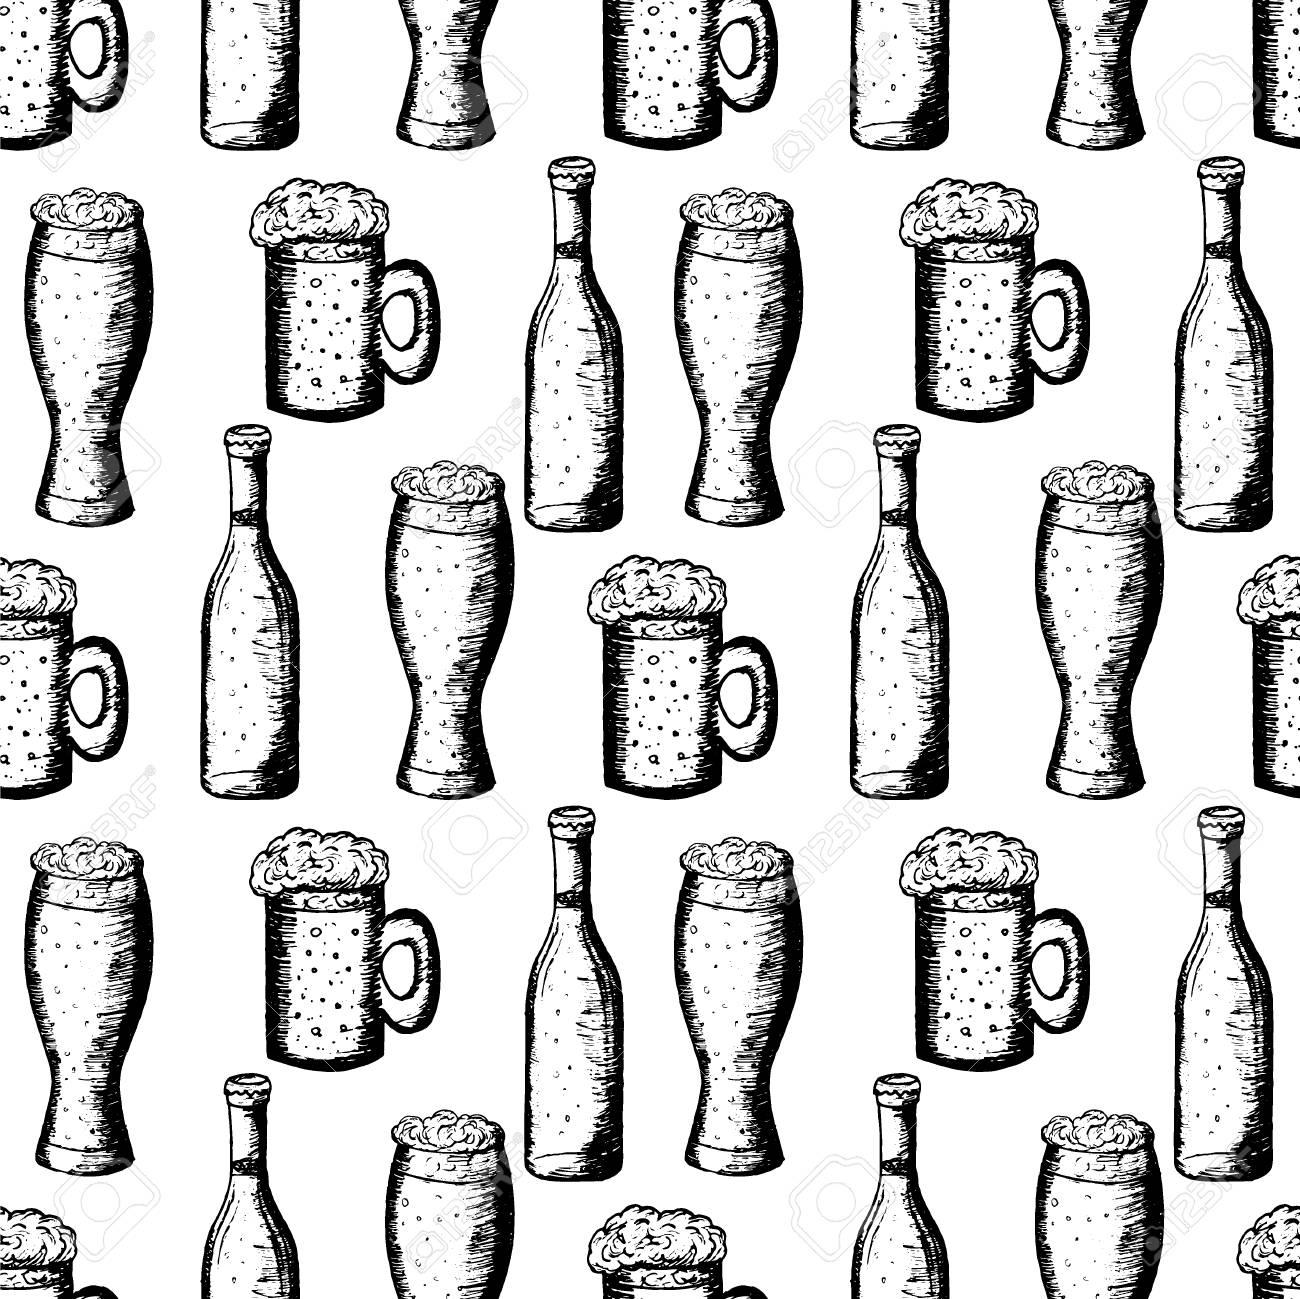 手描きのベクトル図 ビールと白い背景 ビンテージ パターン